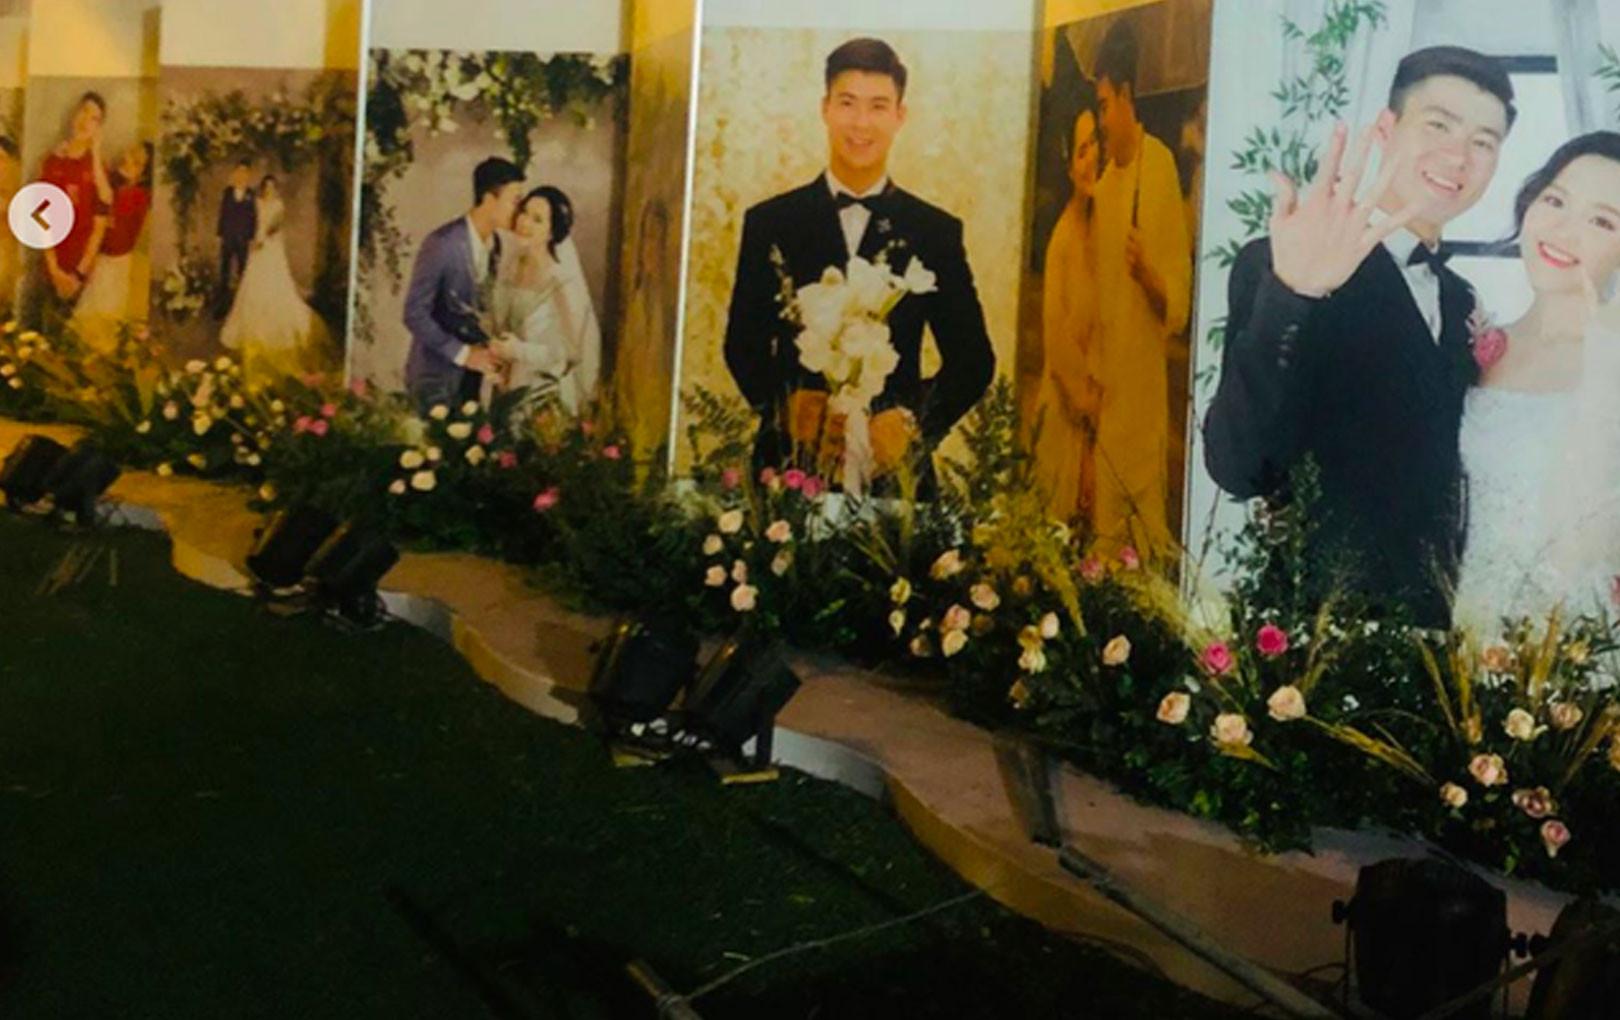 Nhà Duy Mạnh dựng rạp đám cưới hoành tráng , không gian cổ tích tràn ngập hoa và hình ảnh cô dâu, chú rể